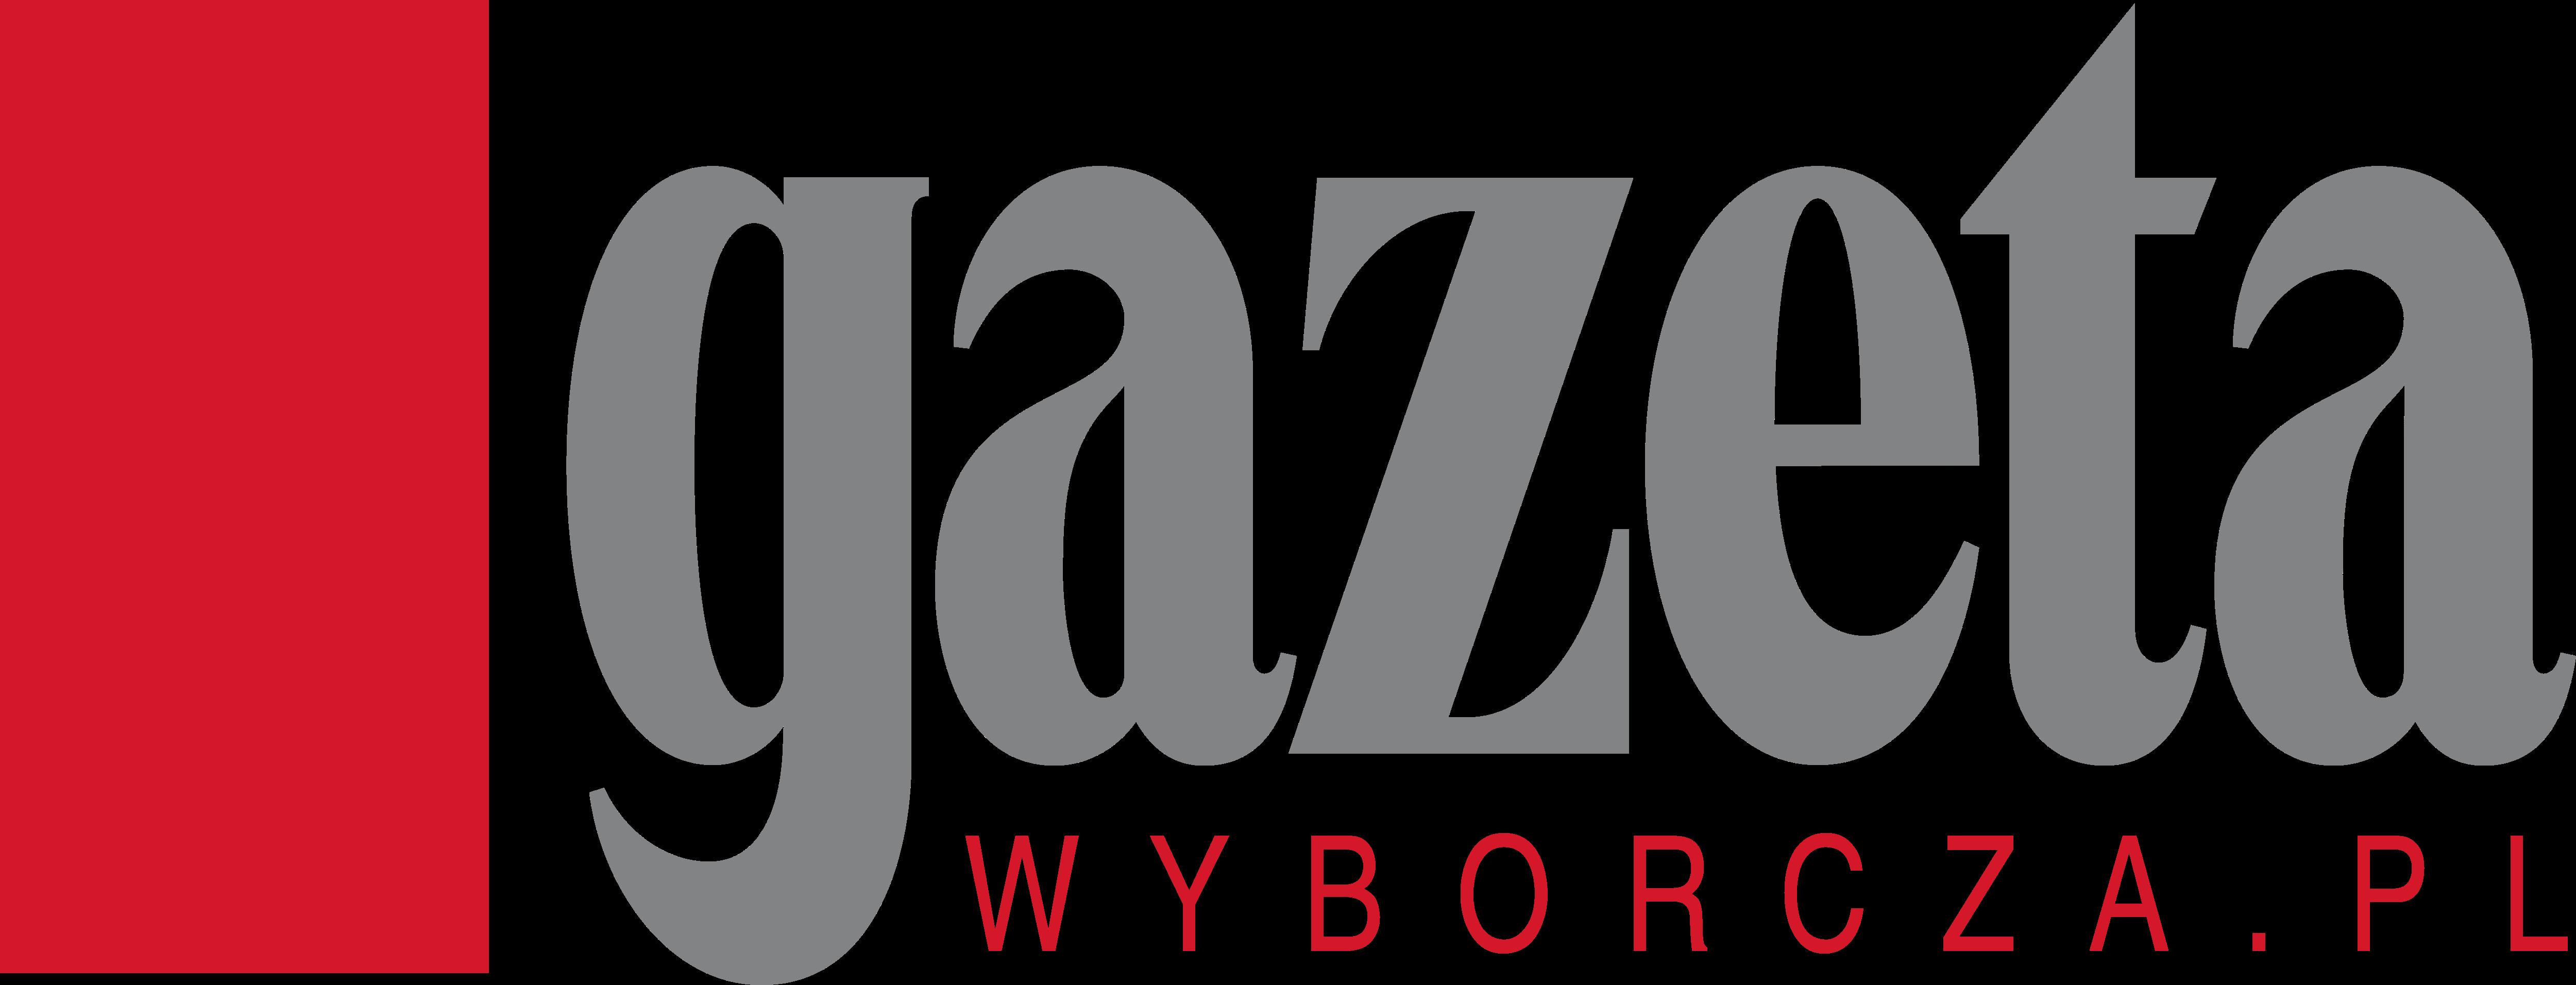 Gazeta Wybo rcza